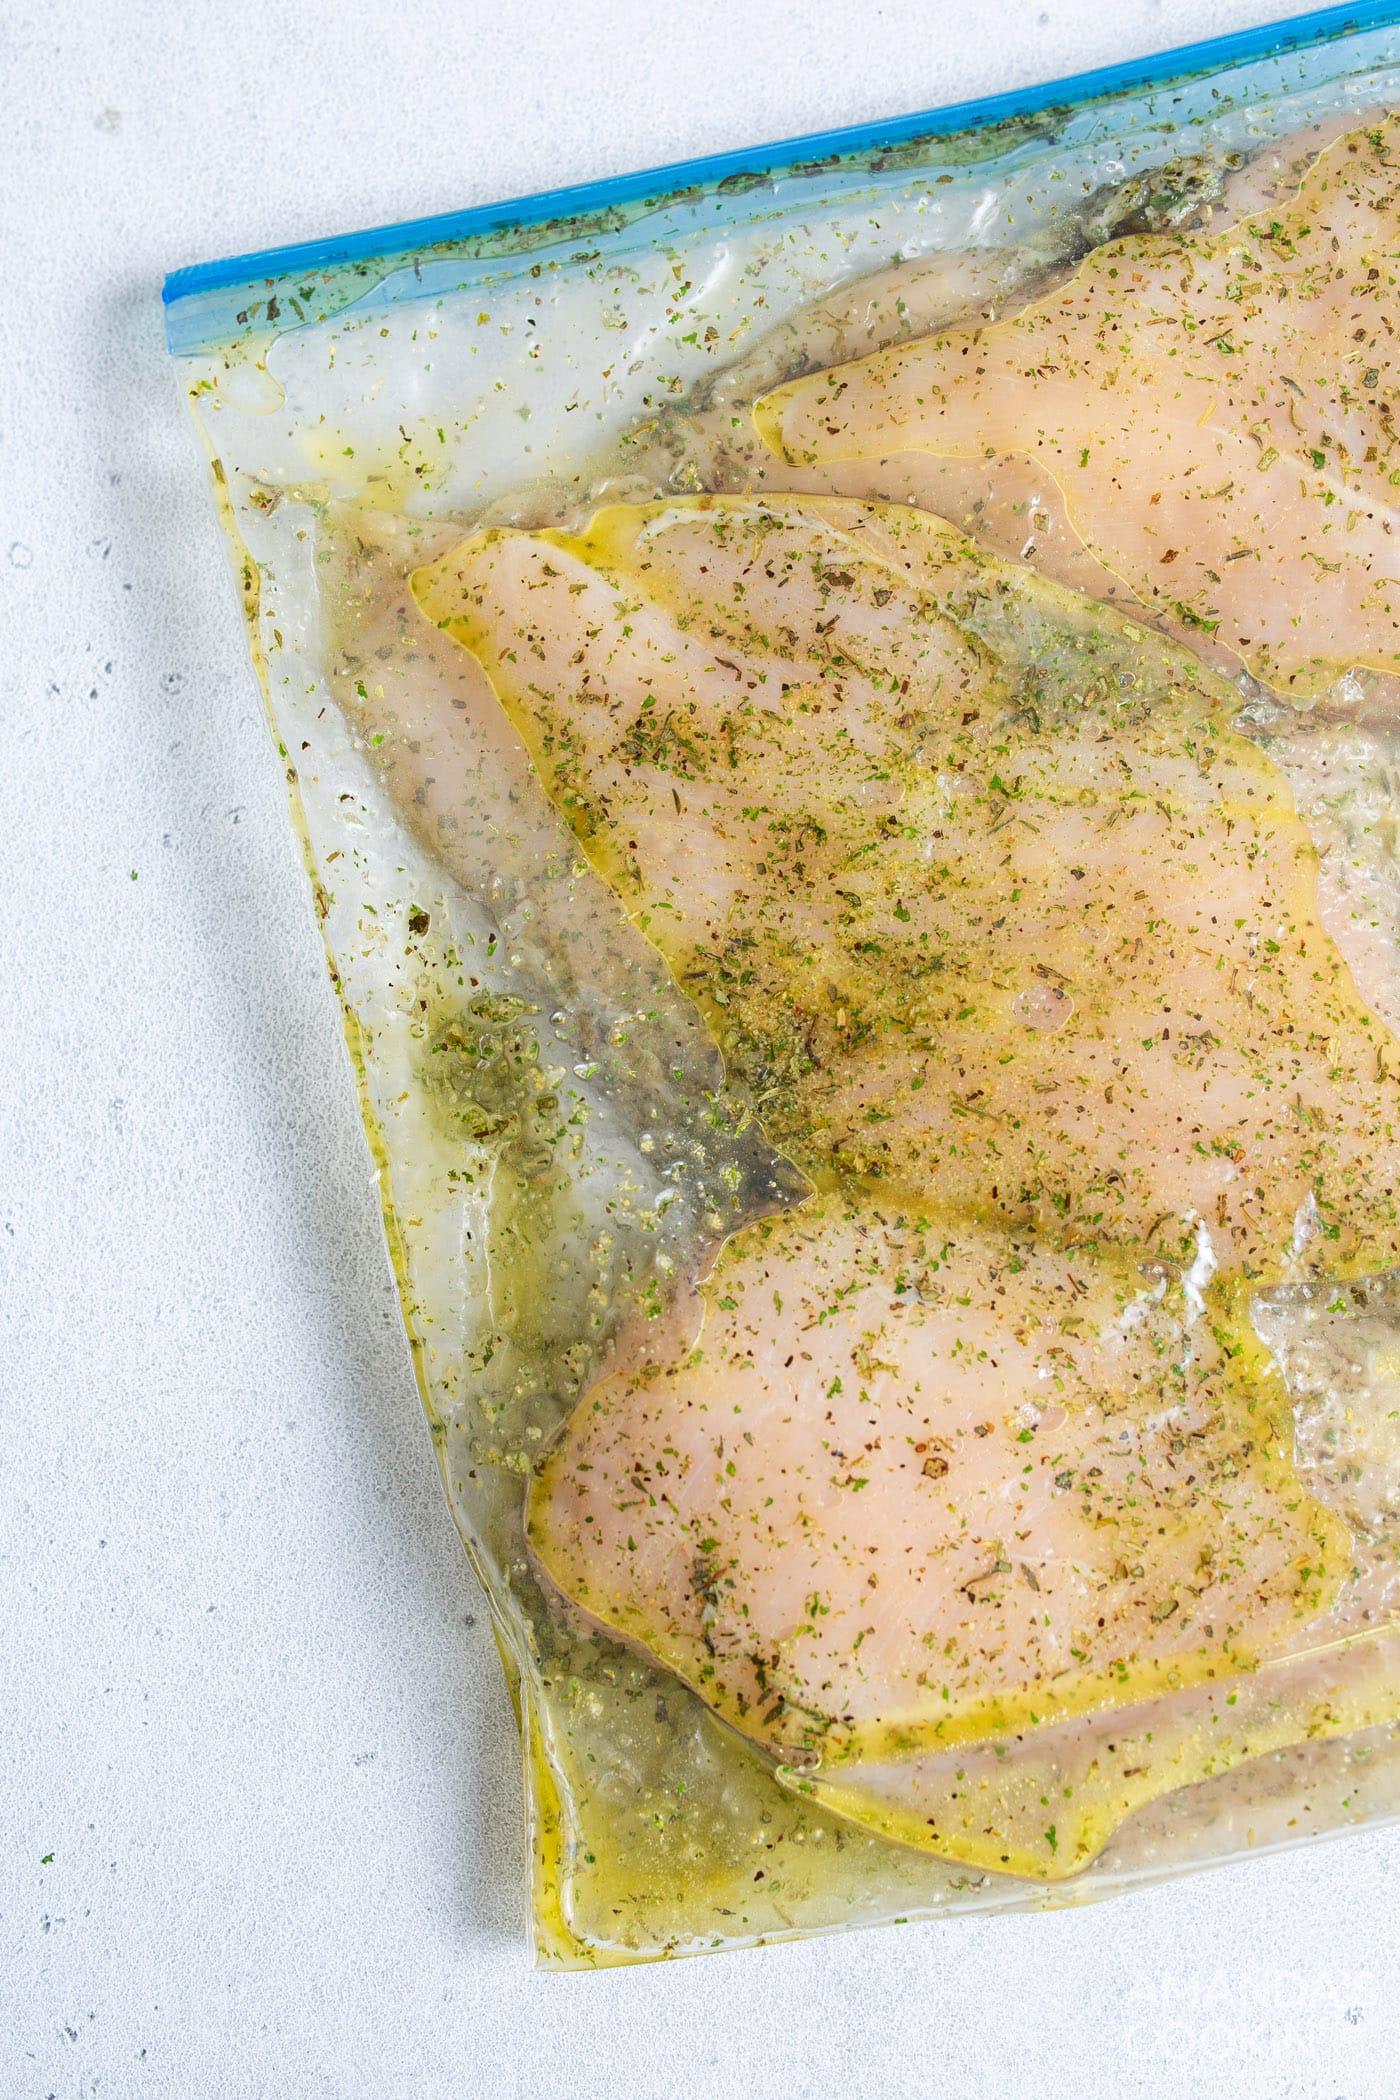 seasoned chicken in a bag